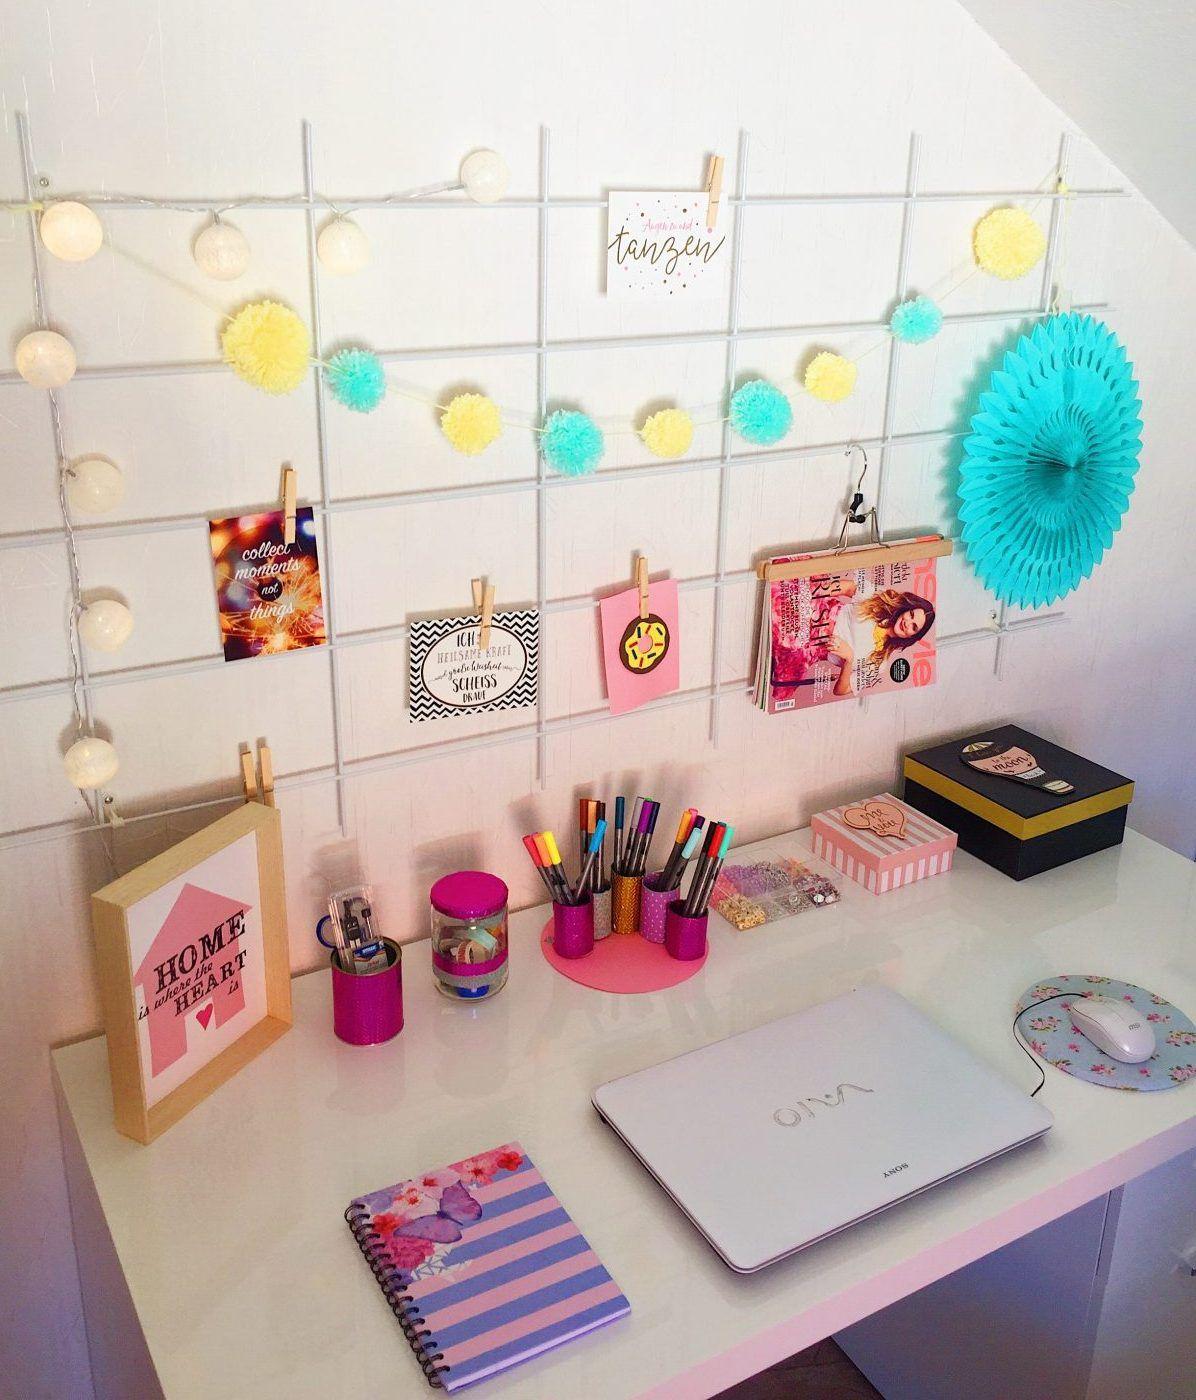 Drei Sommerliche Diy Und Deko Ideen Mit Pompons Selber Machen